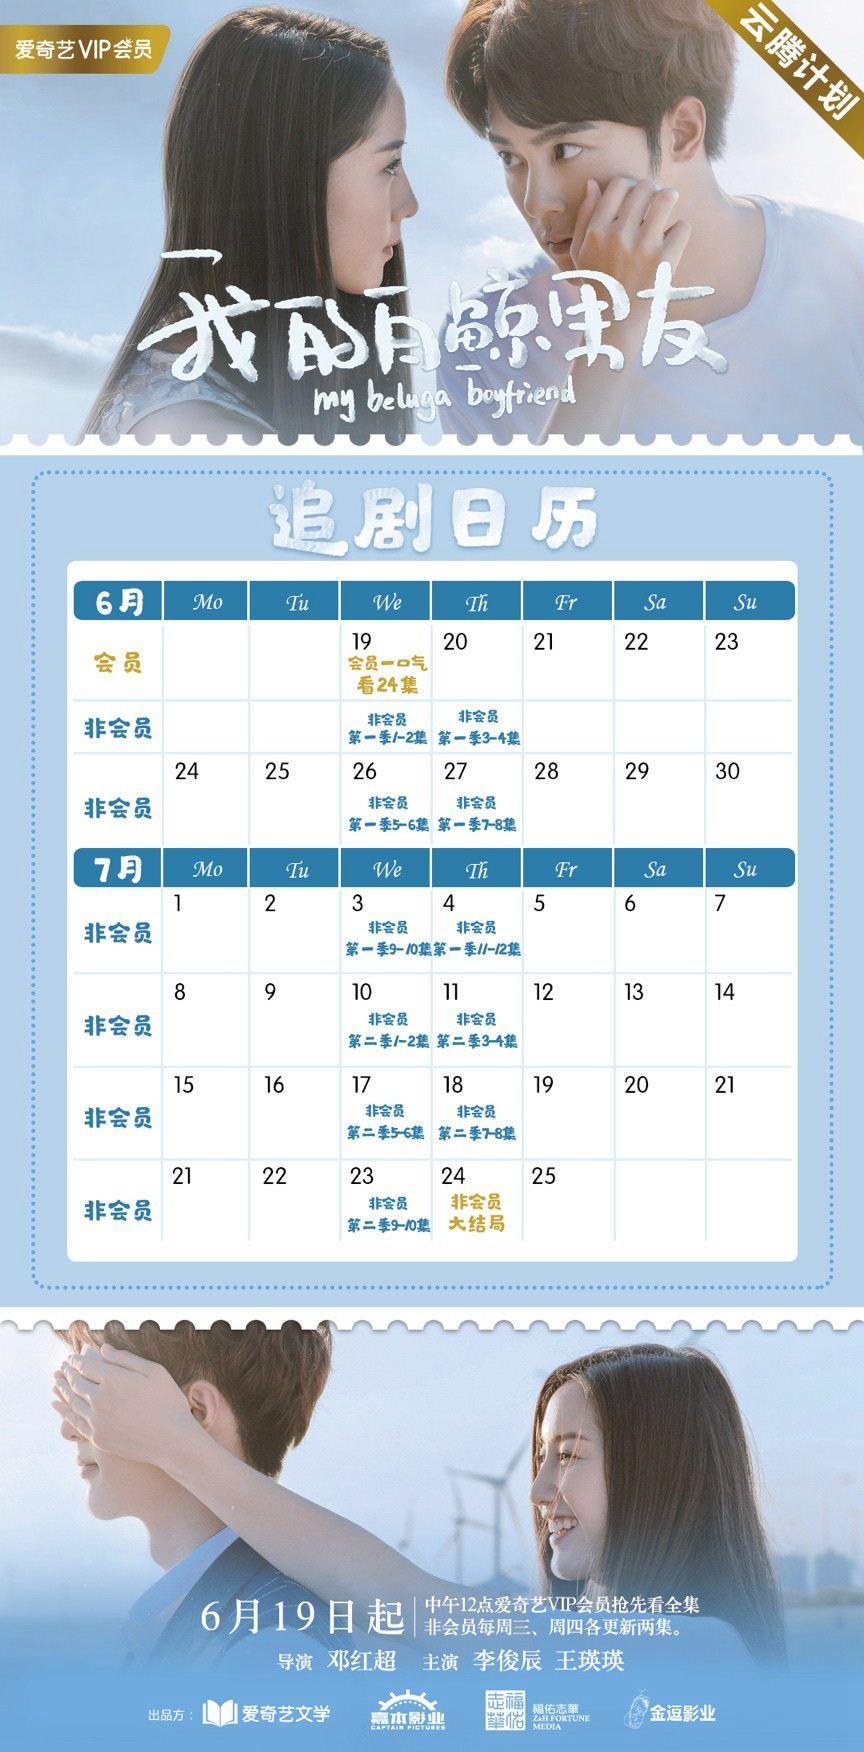 爱奇艺《我的白鲸男友》首播 (5).jpg